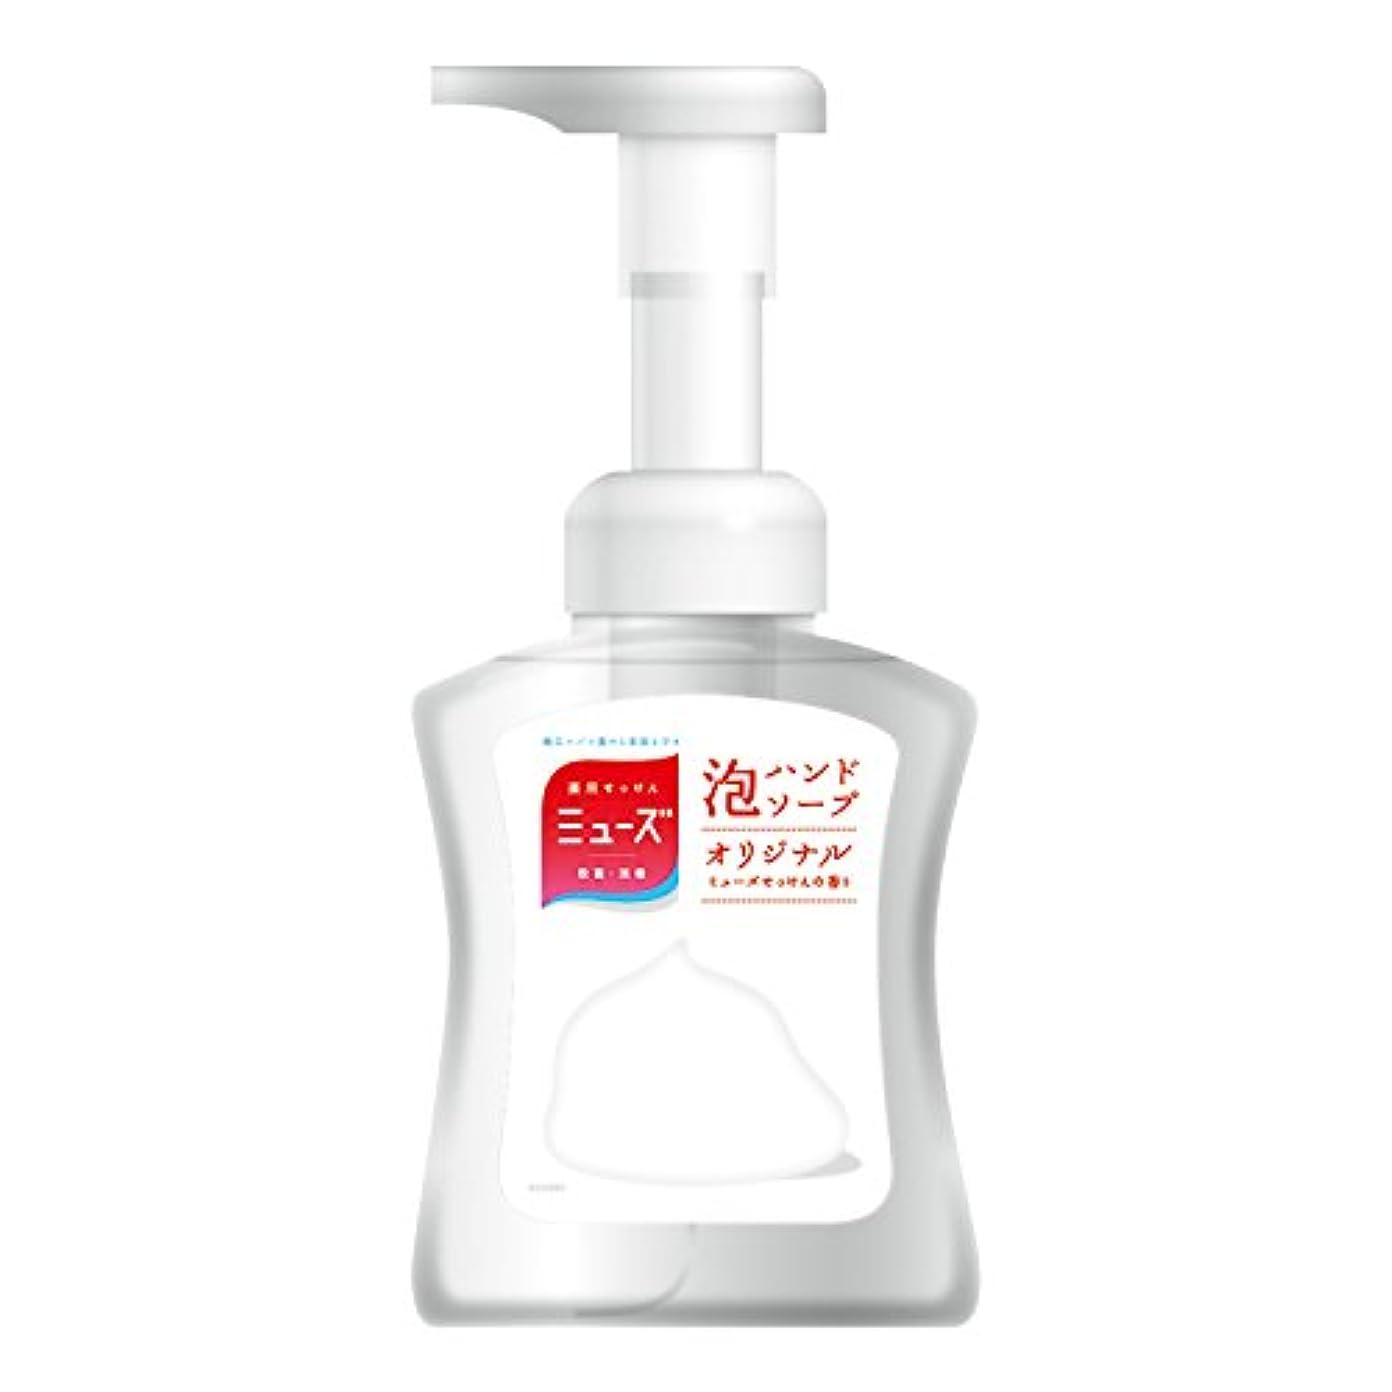 直接十一位置する【医薬部外品】ミューズ 泡 ハンドソープ オリジナル 本体ボトル 250ml 殺菌 消毒 手洗い 保湿成分配合